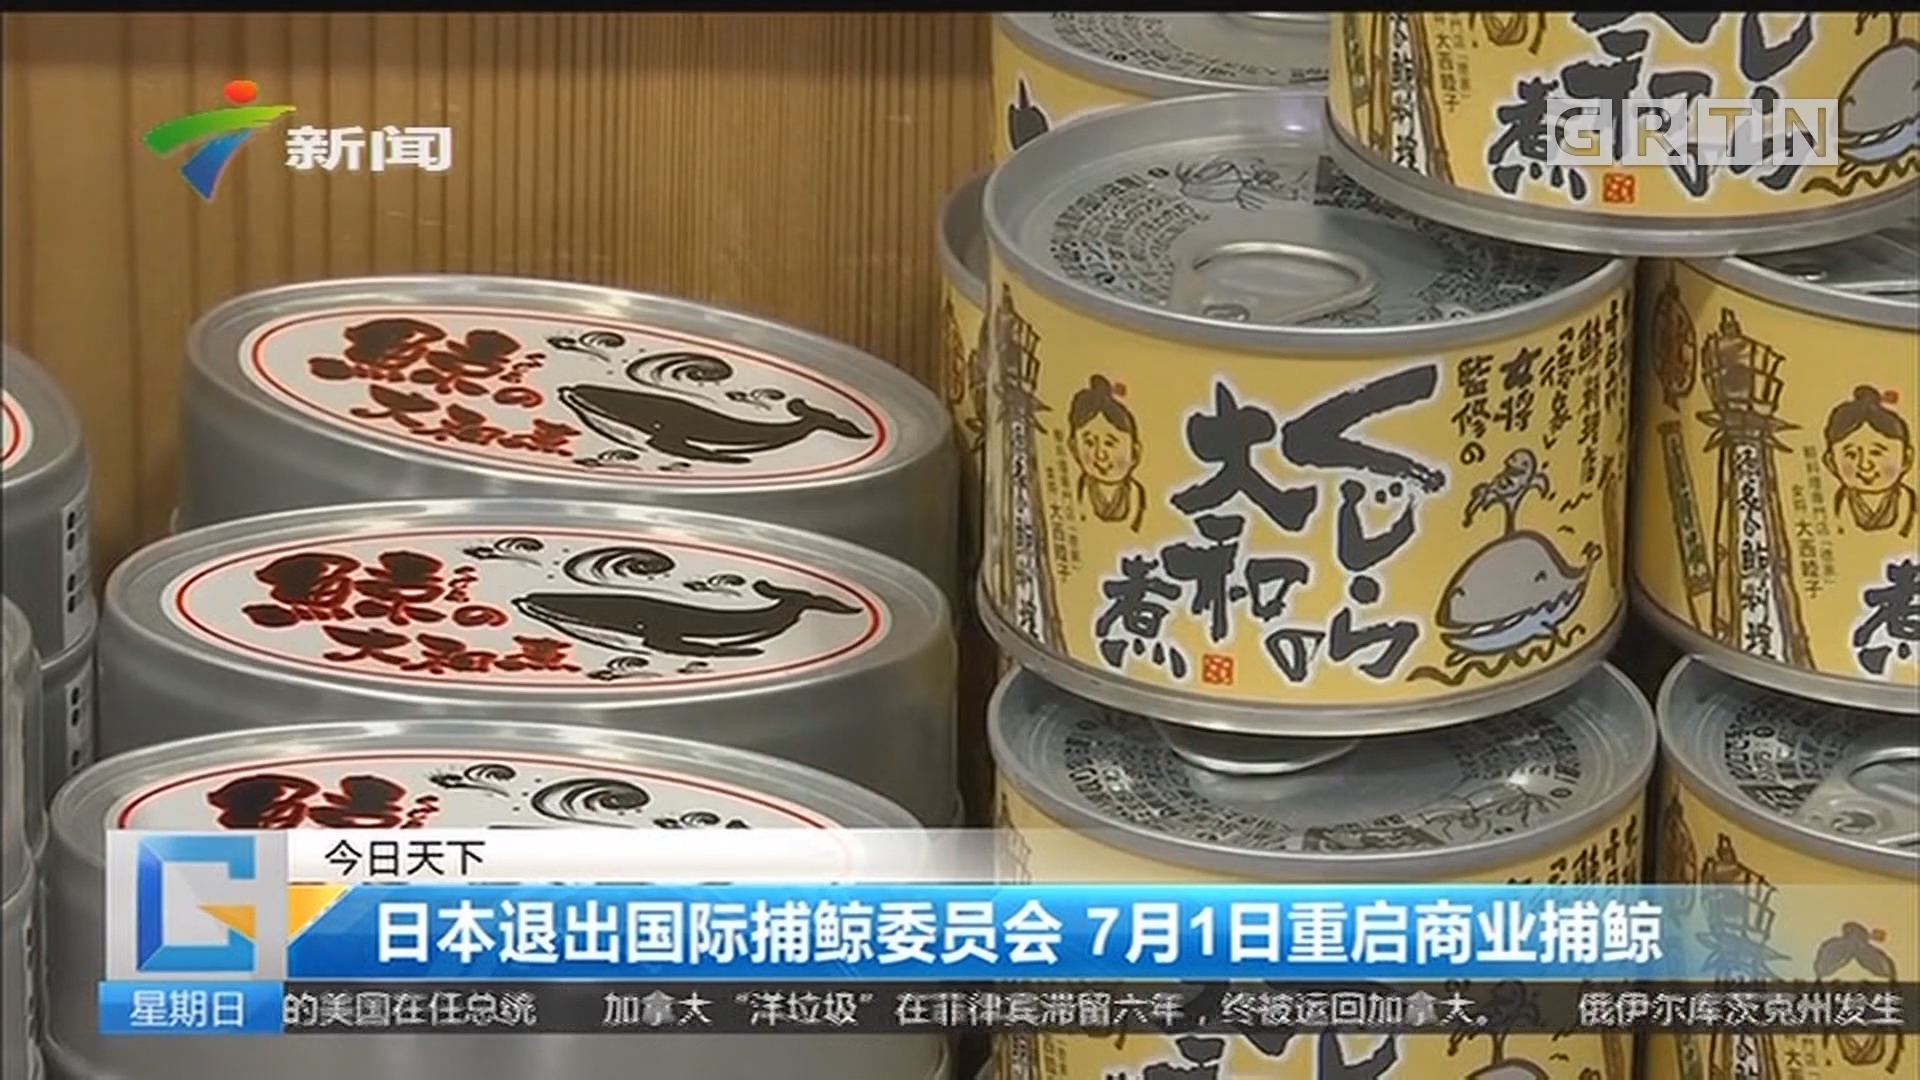 日本退出国际捕鲸委员会 7月1日重启商业捕鲸